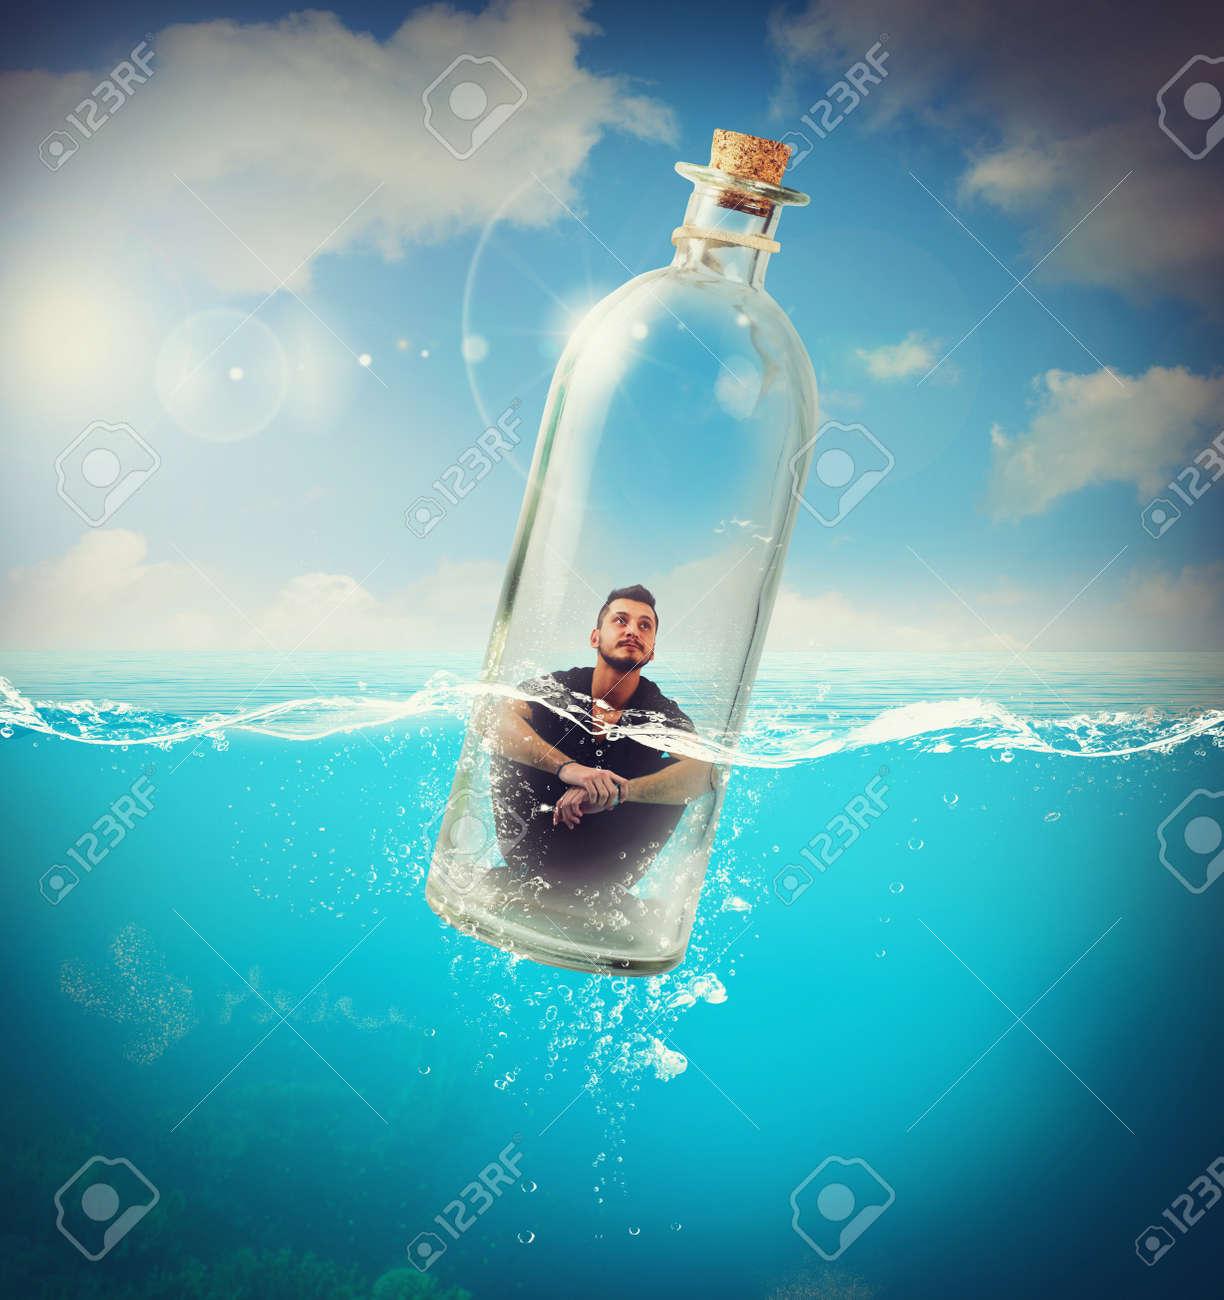 Boy travels in bottle in the ocean - 45607967